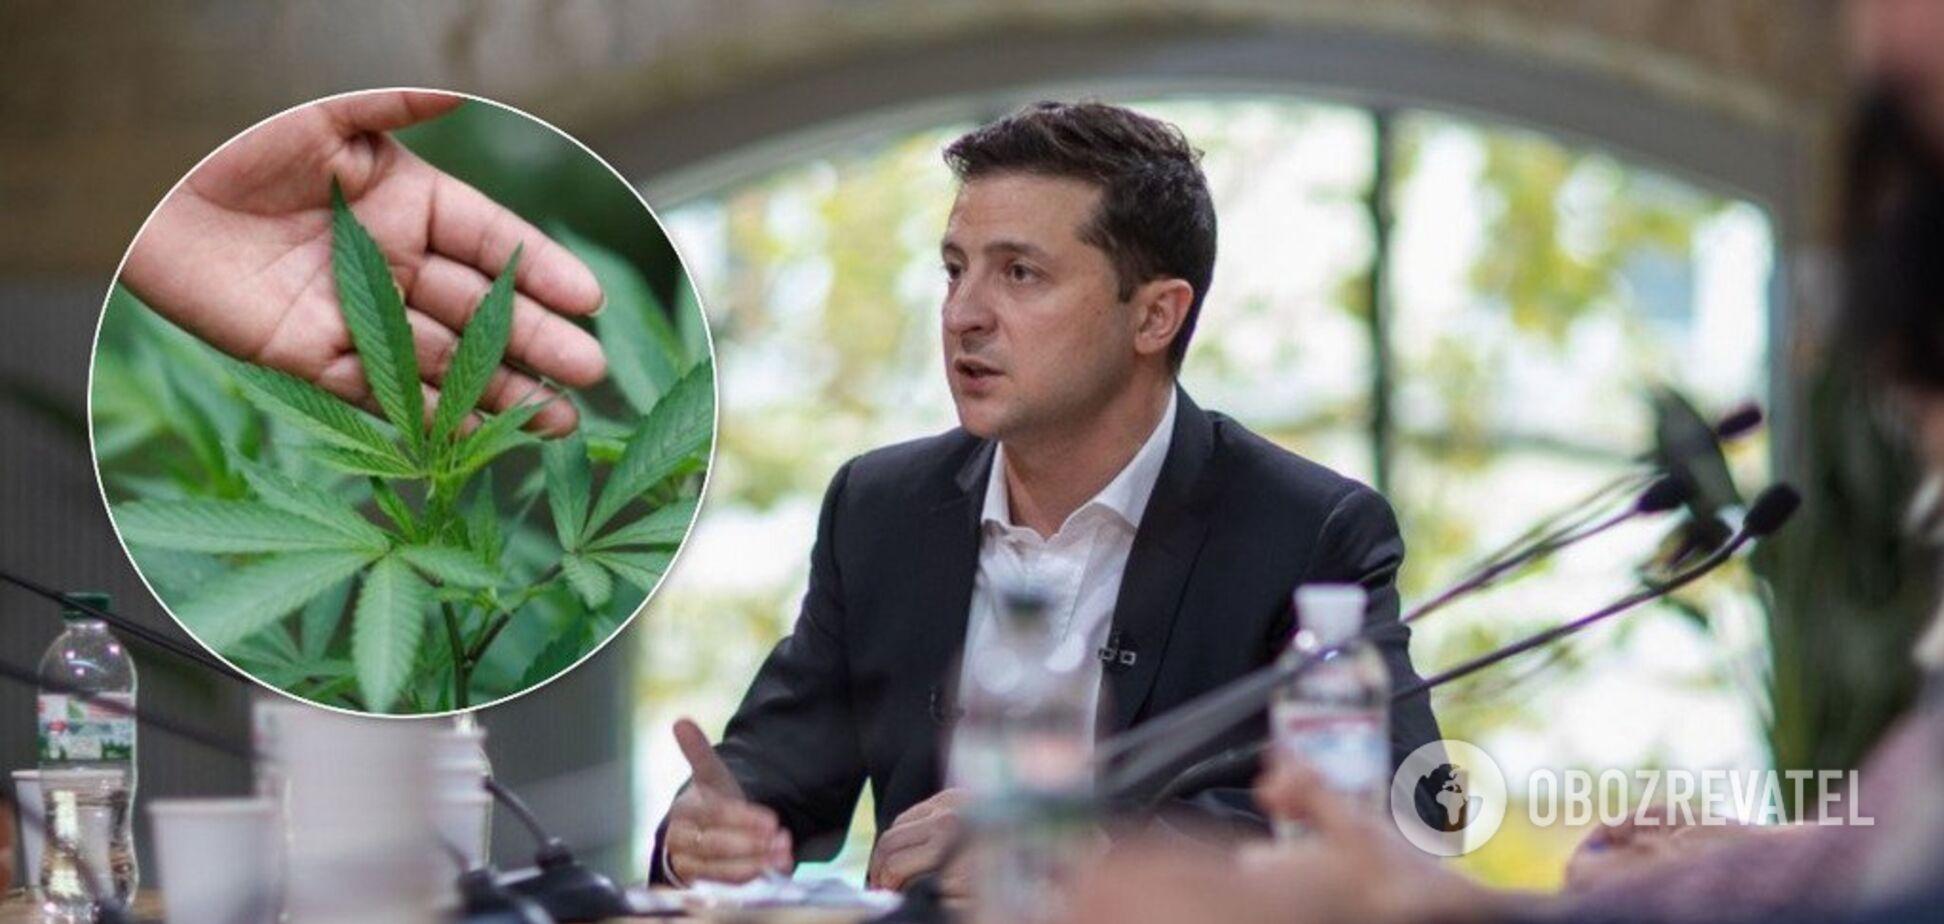 Зеленський виступив проти легалізації марихуани